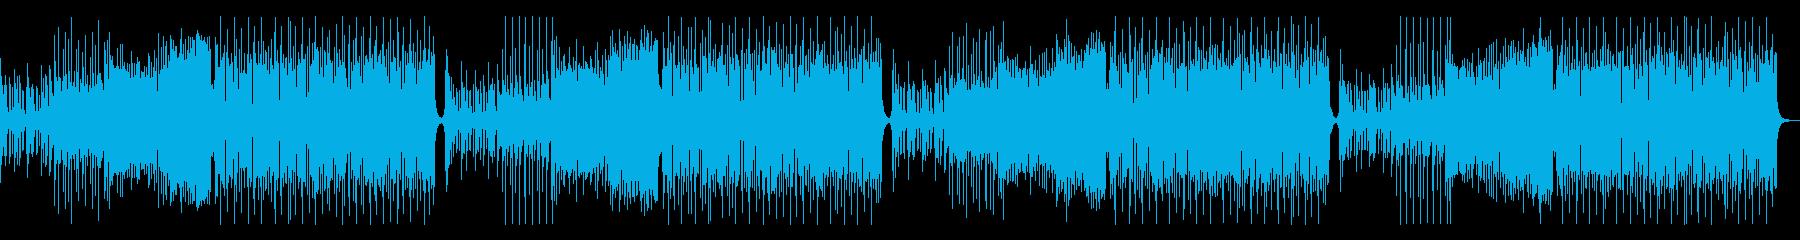 ポップで明るいFuture Bassの再生済みの波形